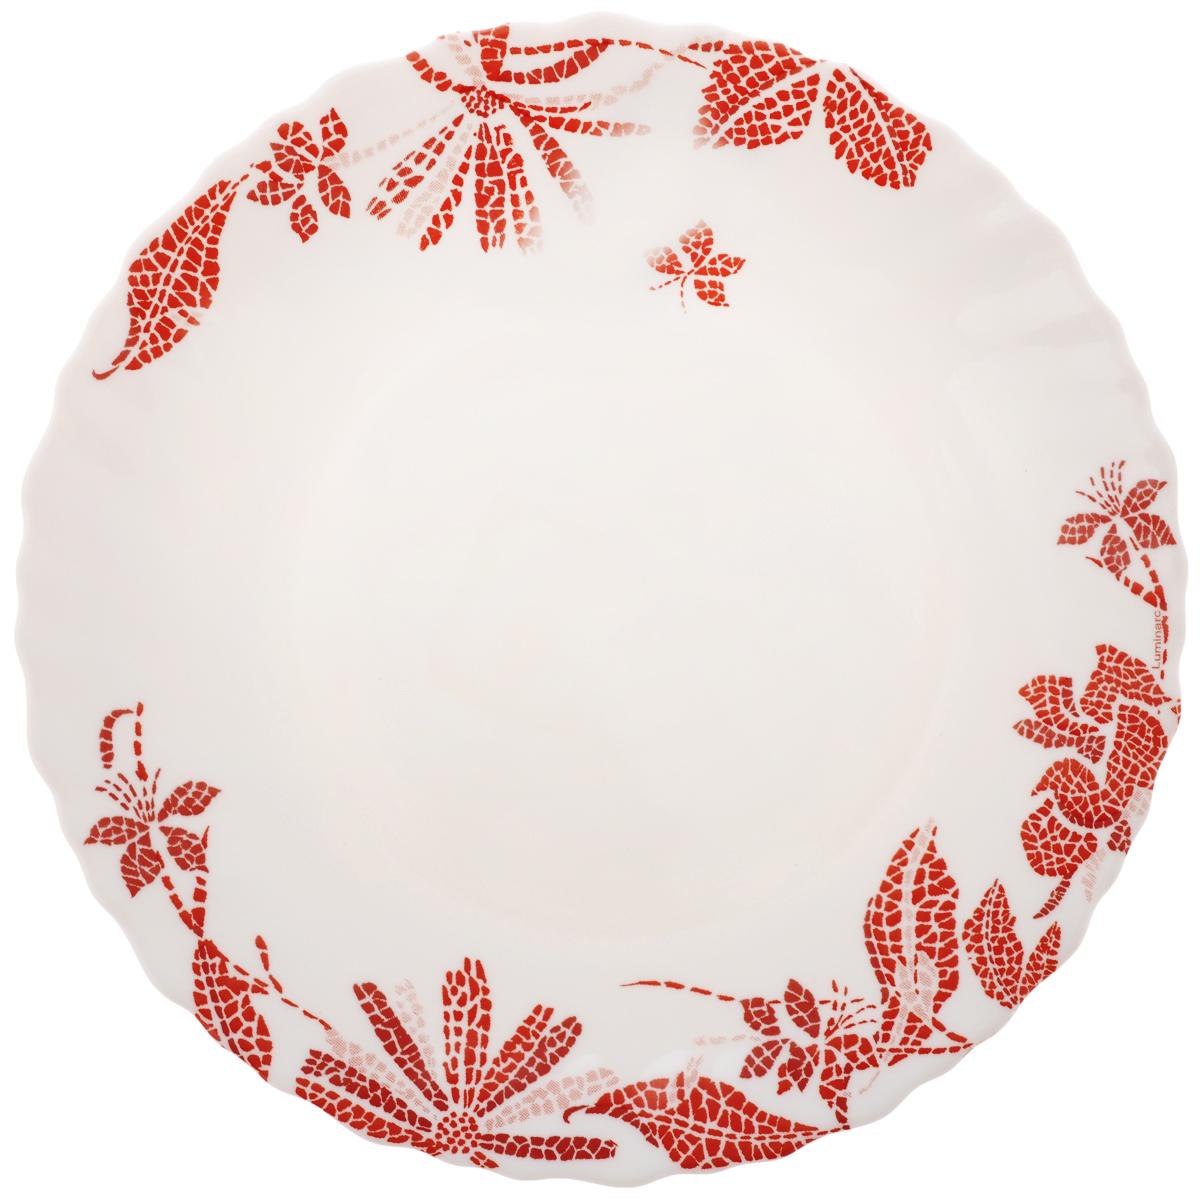 Тарелка десертная Luminarc Romancia, диаметр 18,5 смH2395Десертная тарелка Luminarc Romancia, изготовленная из ударопрочного стекла, декорирована изображением цветов. Такая тарелка прекрасно подходит как для торжественных случаев, так и для повседневного использования. Идеальна для подачи десертов, пирожных, тортов и многого другого. Она прекрасно оформит стол и станет отличным дополнением к вашей коллекции кухонной посуды. Диаметр тарелки (по верхнему краю): 18,5 см.